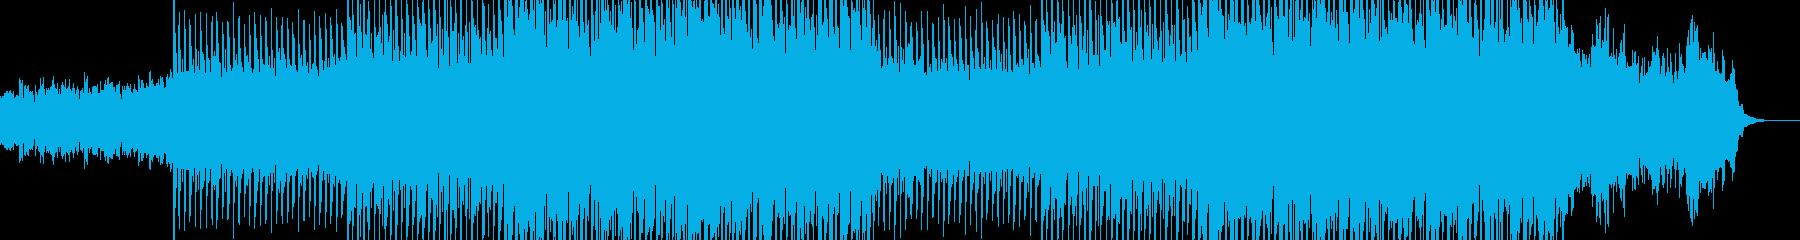 EDM明るくポップなクラブ系ダンス-08の再生済みの波形